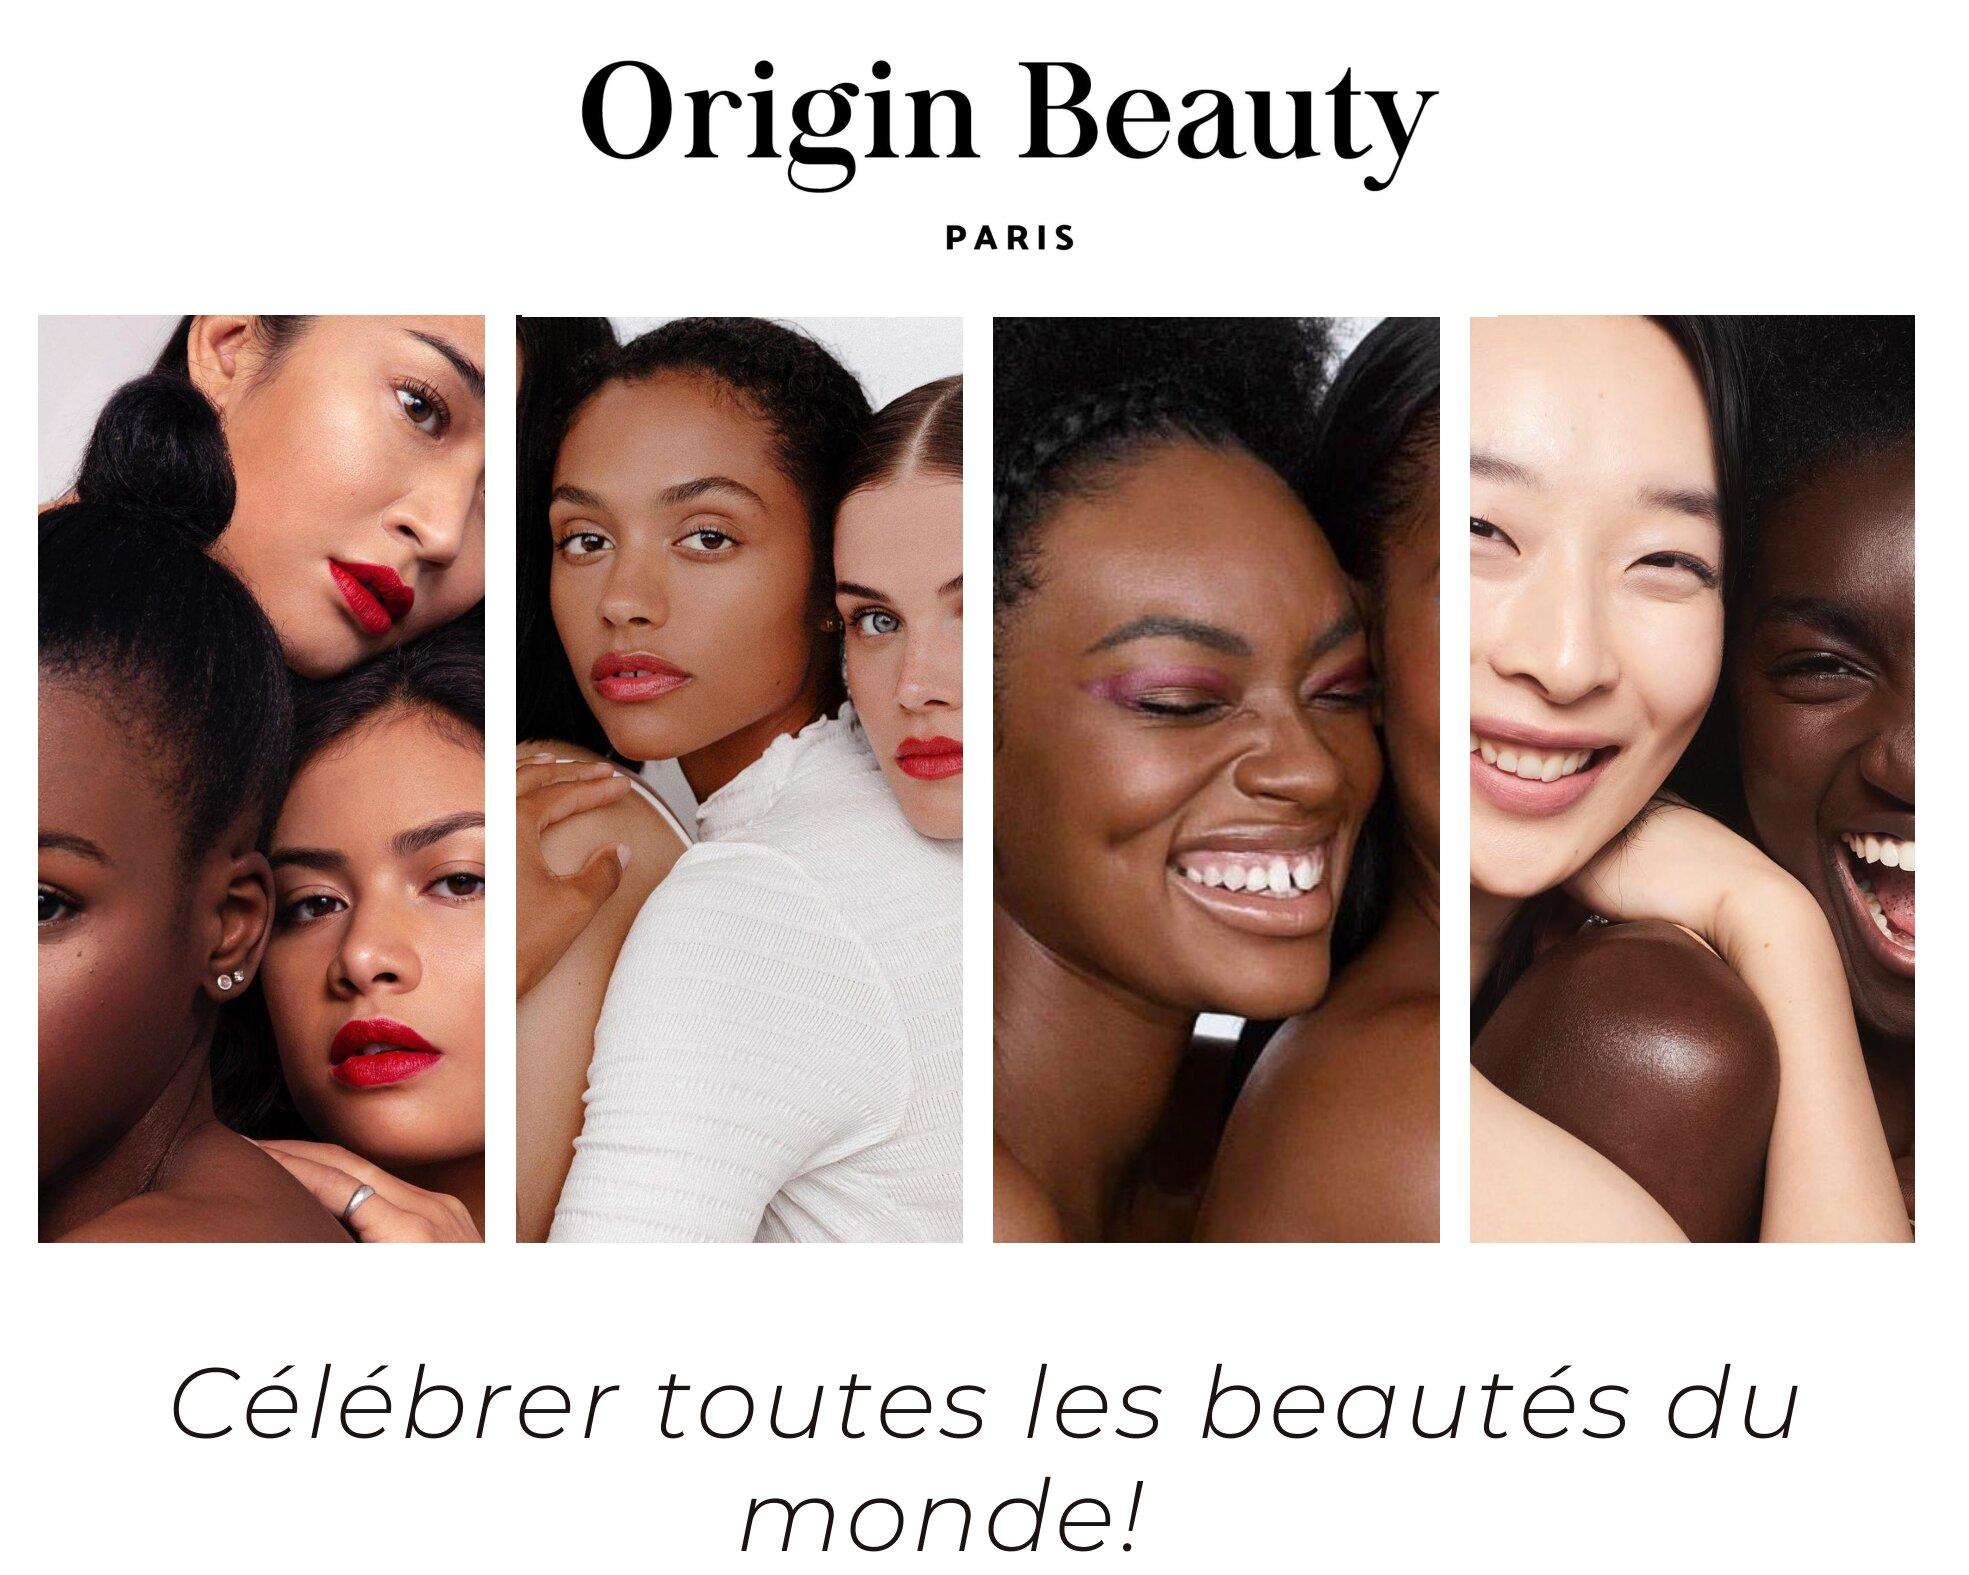 Origin Beauty, des produits de beauté pour toutes les beautés du monde